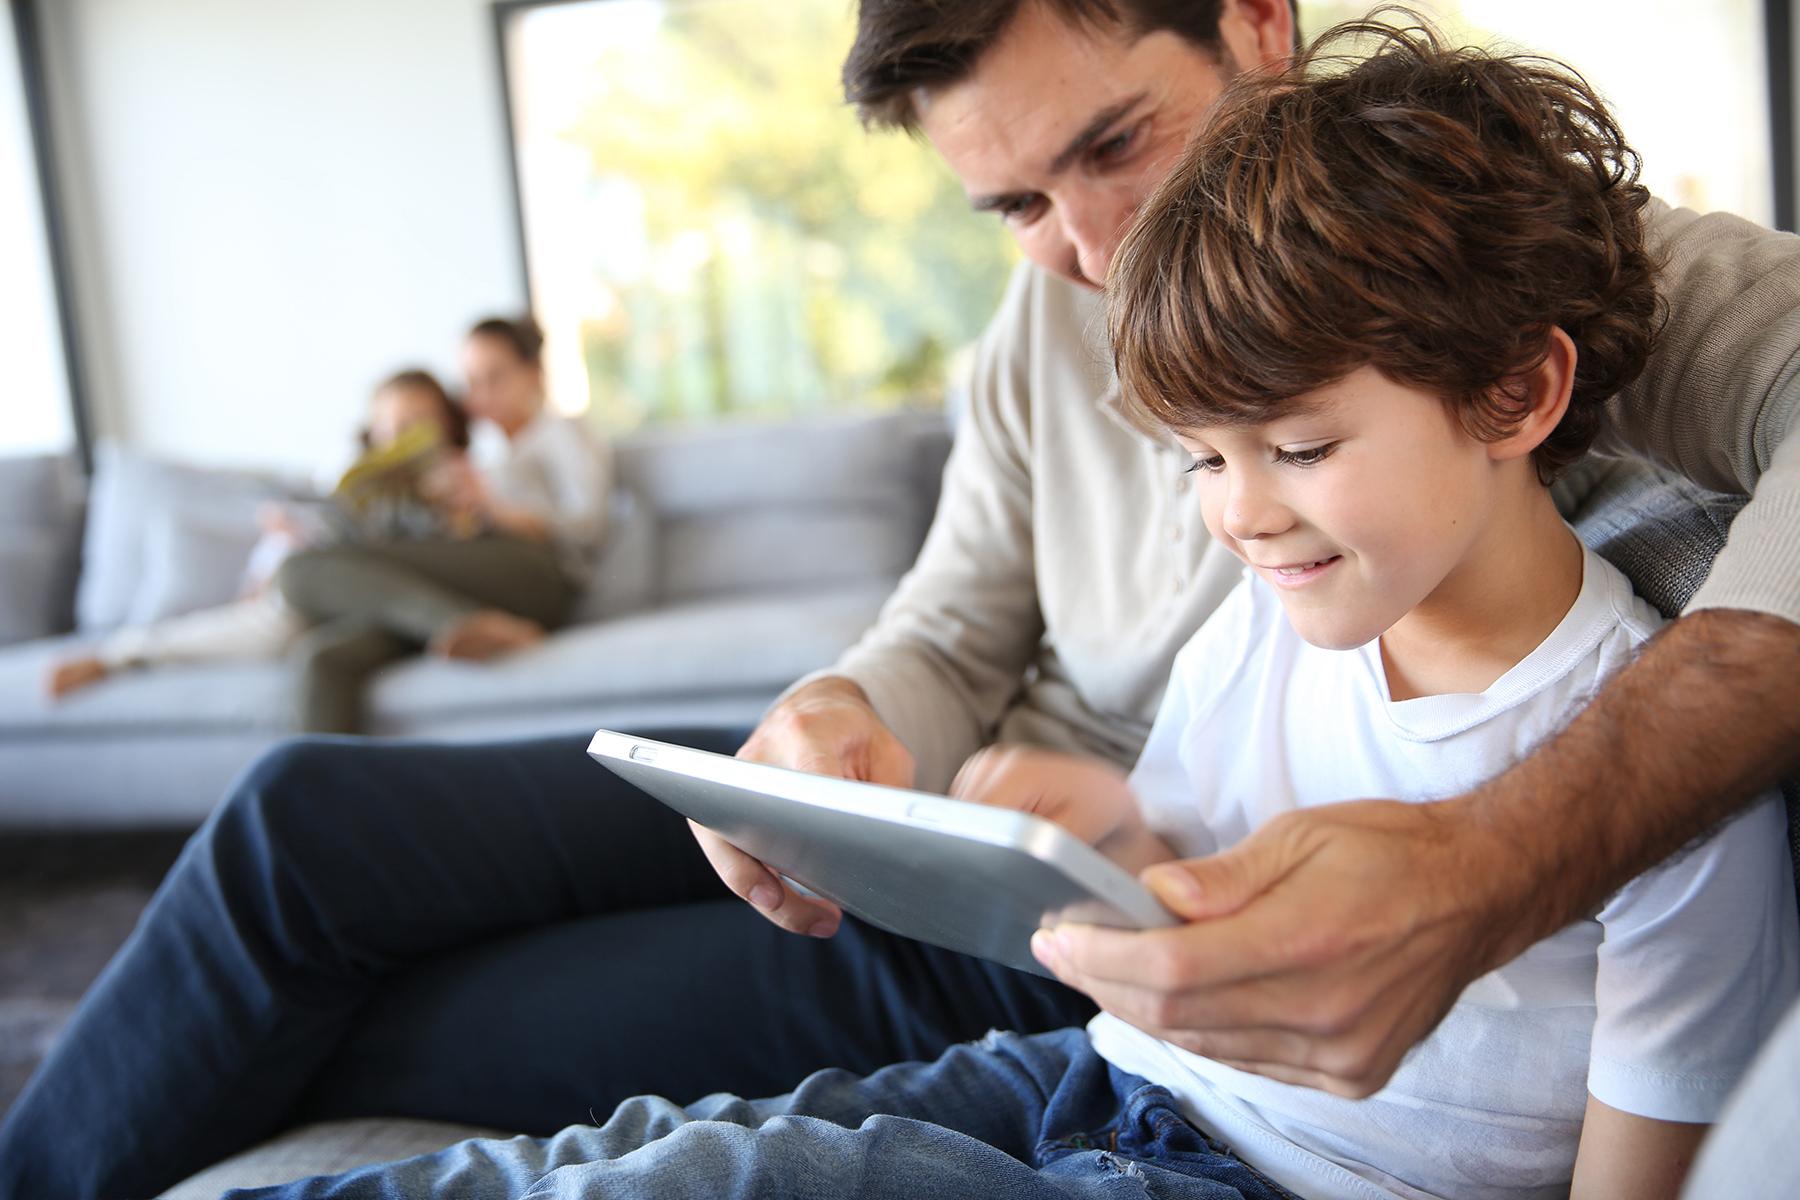 Operación ciberpadre: protege a tus hijos en verano